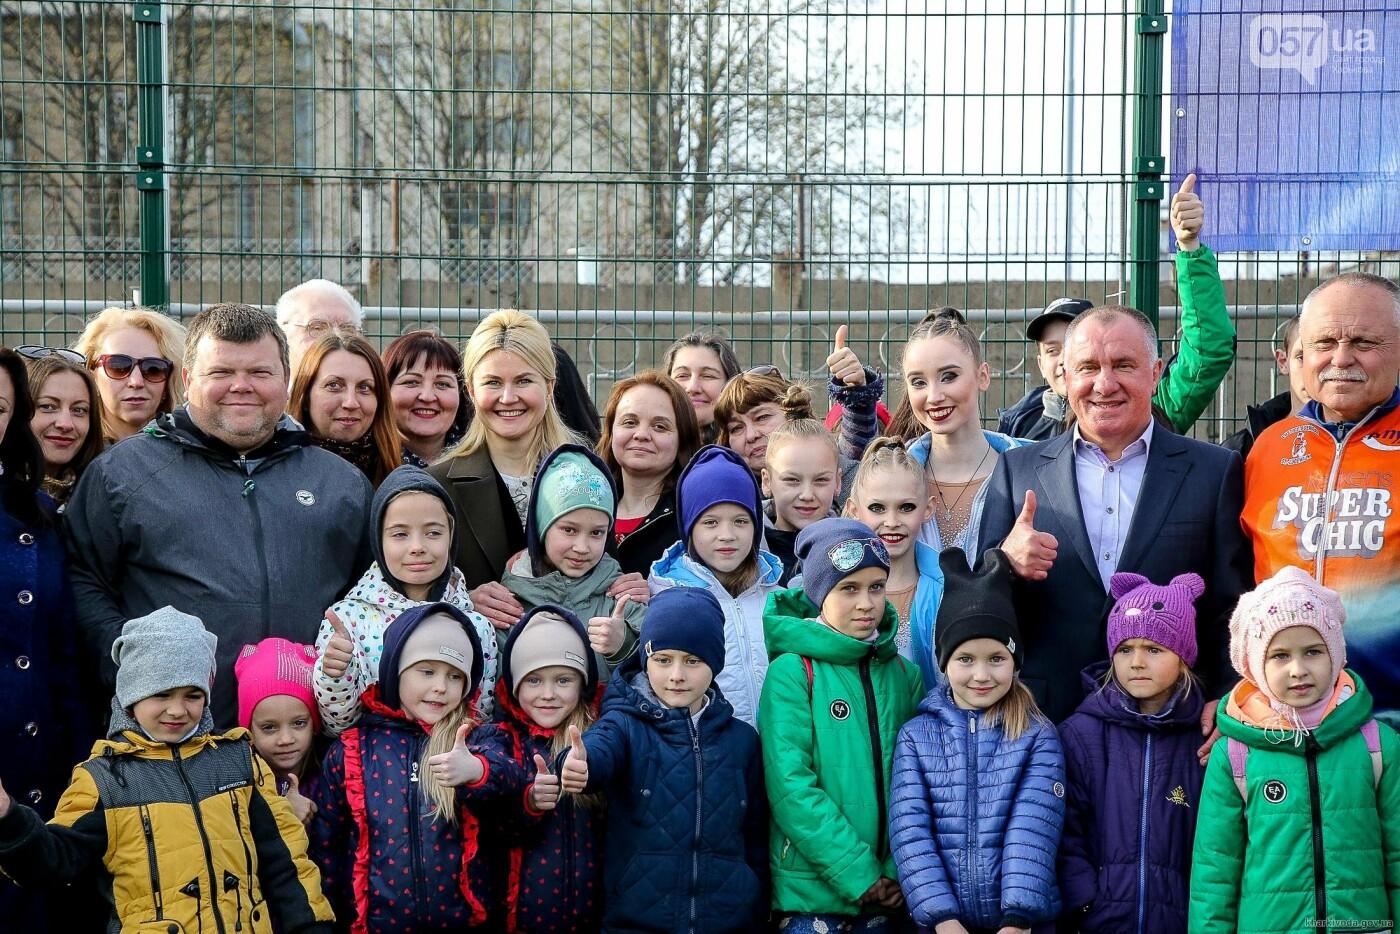 В Пятихатках открыли футбольное поле с искусственным покрытием, теннисный корт и воркаут, фото-1